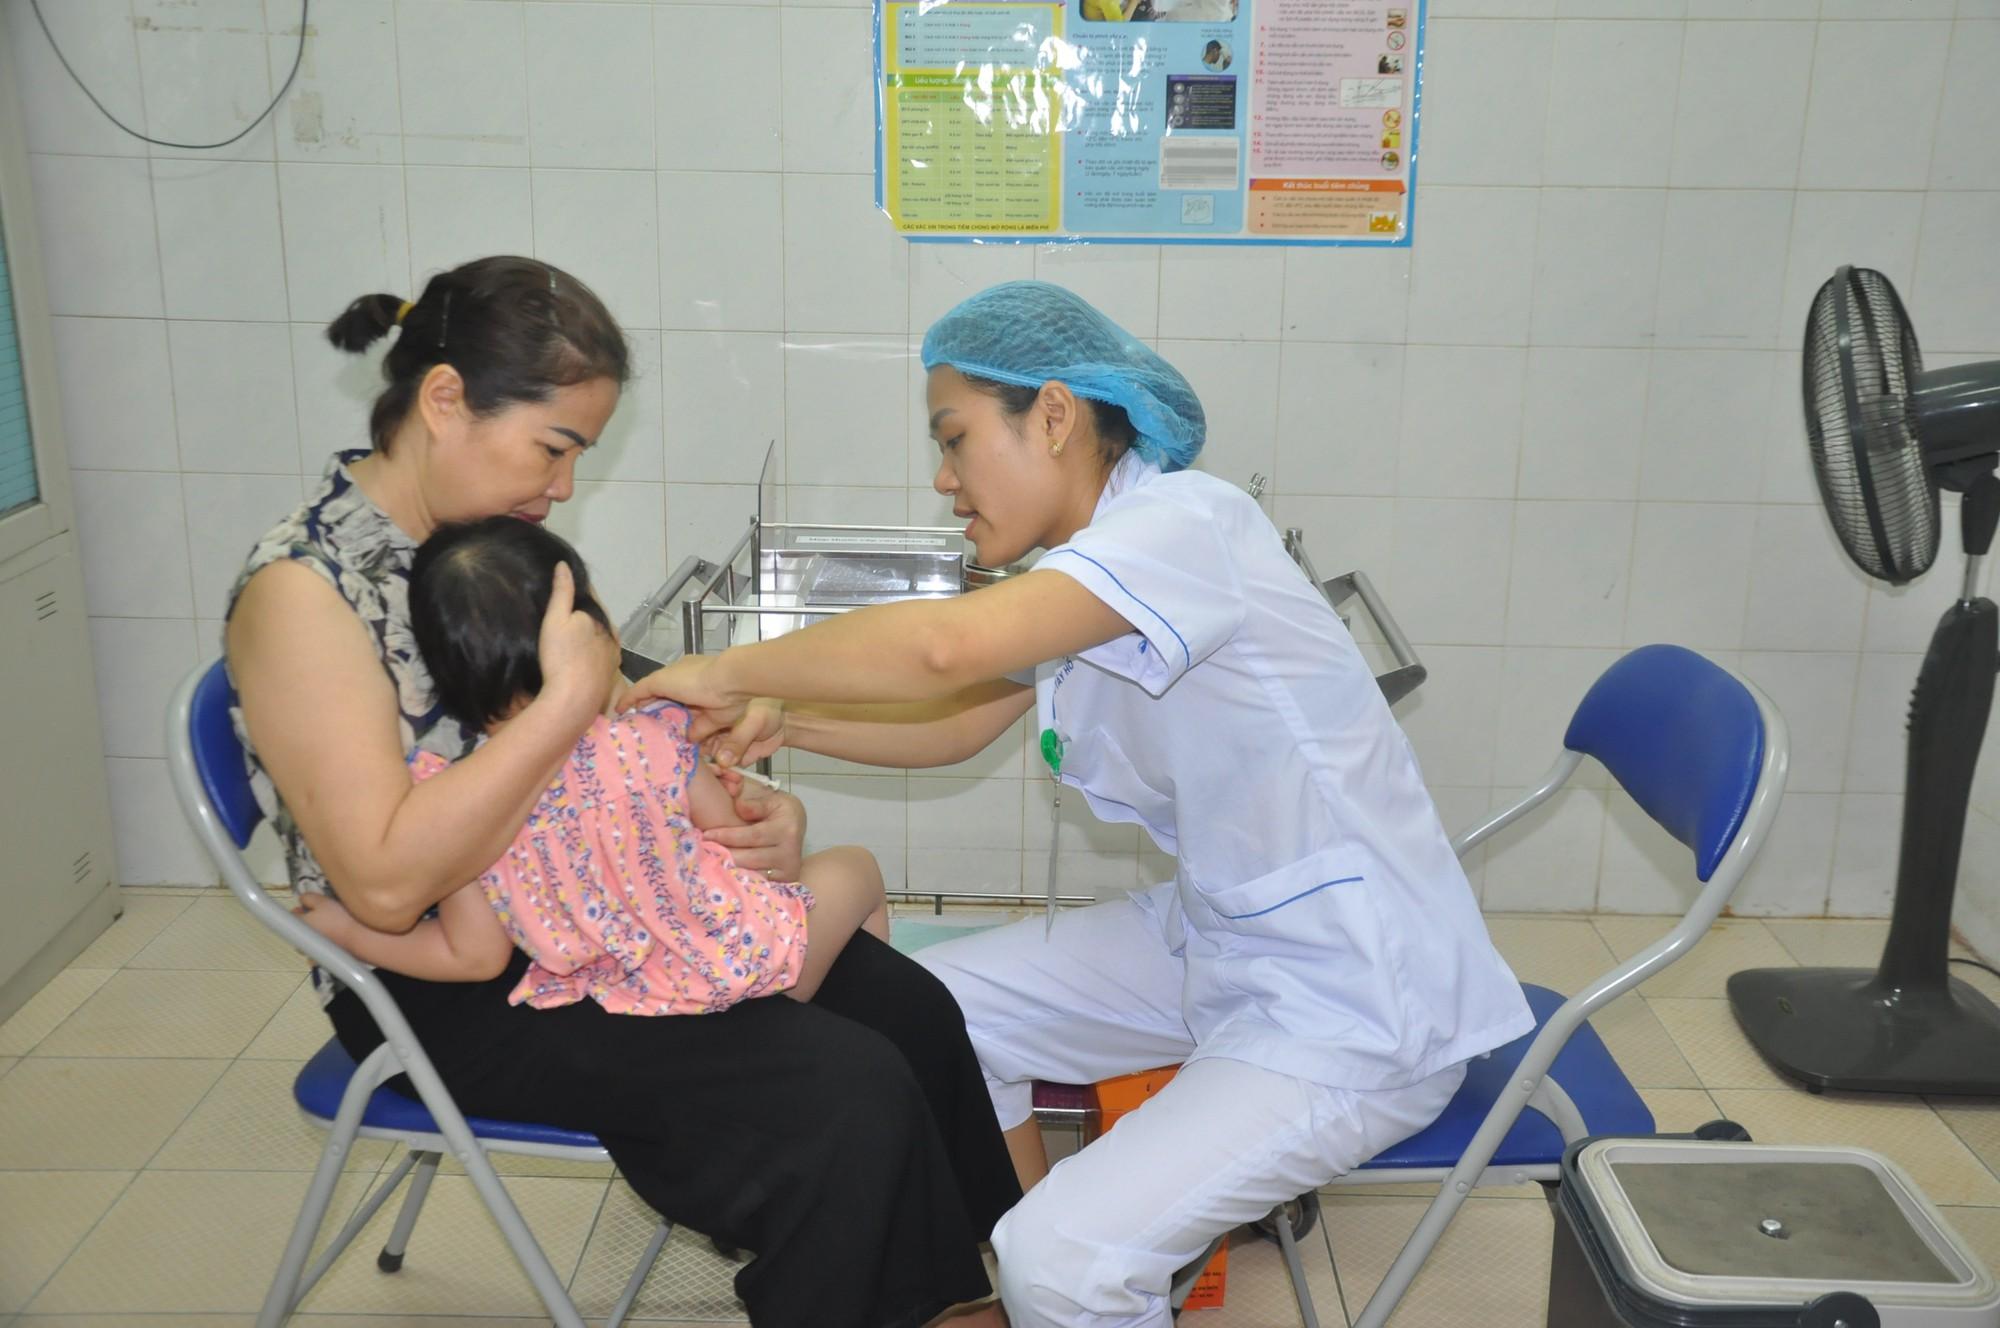 Ghi nhận thêm 61 trường hợp mắc sởi tại thành phố Hà Nội trong tuần qua - Ảnh 1.